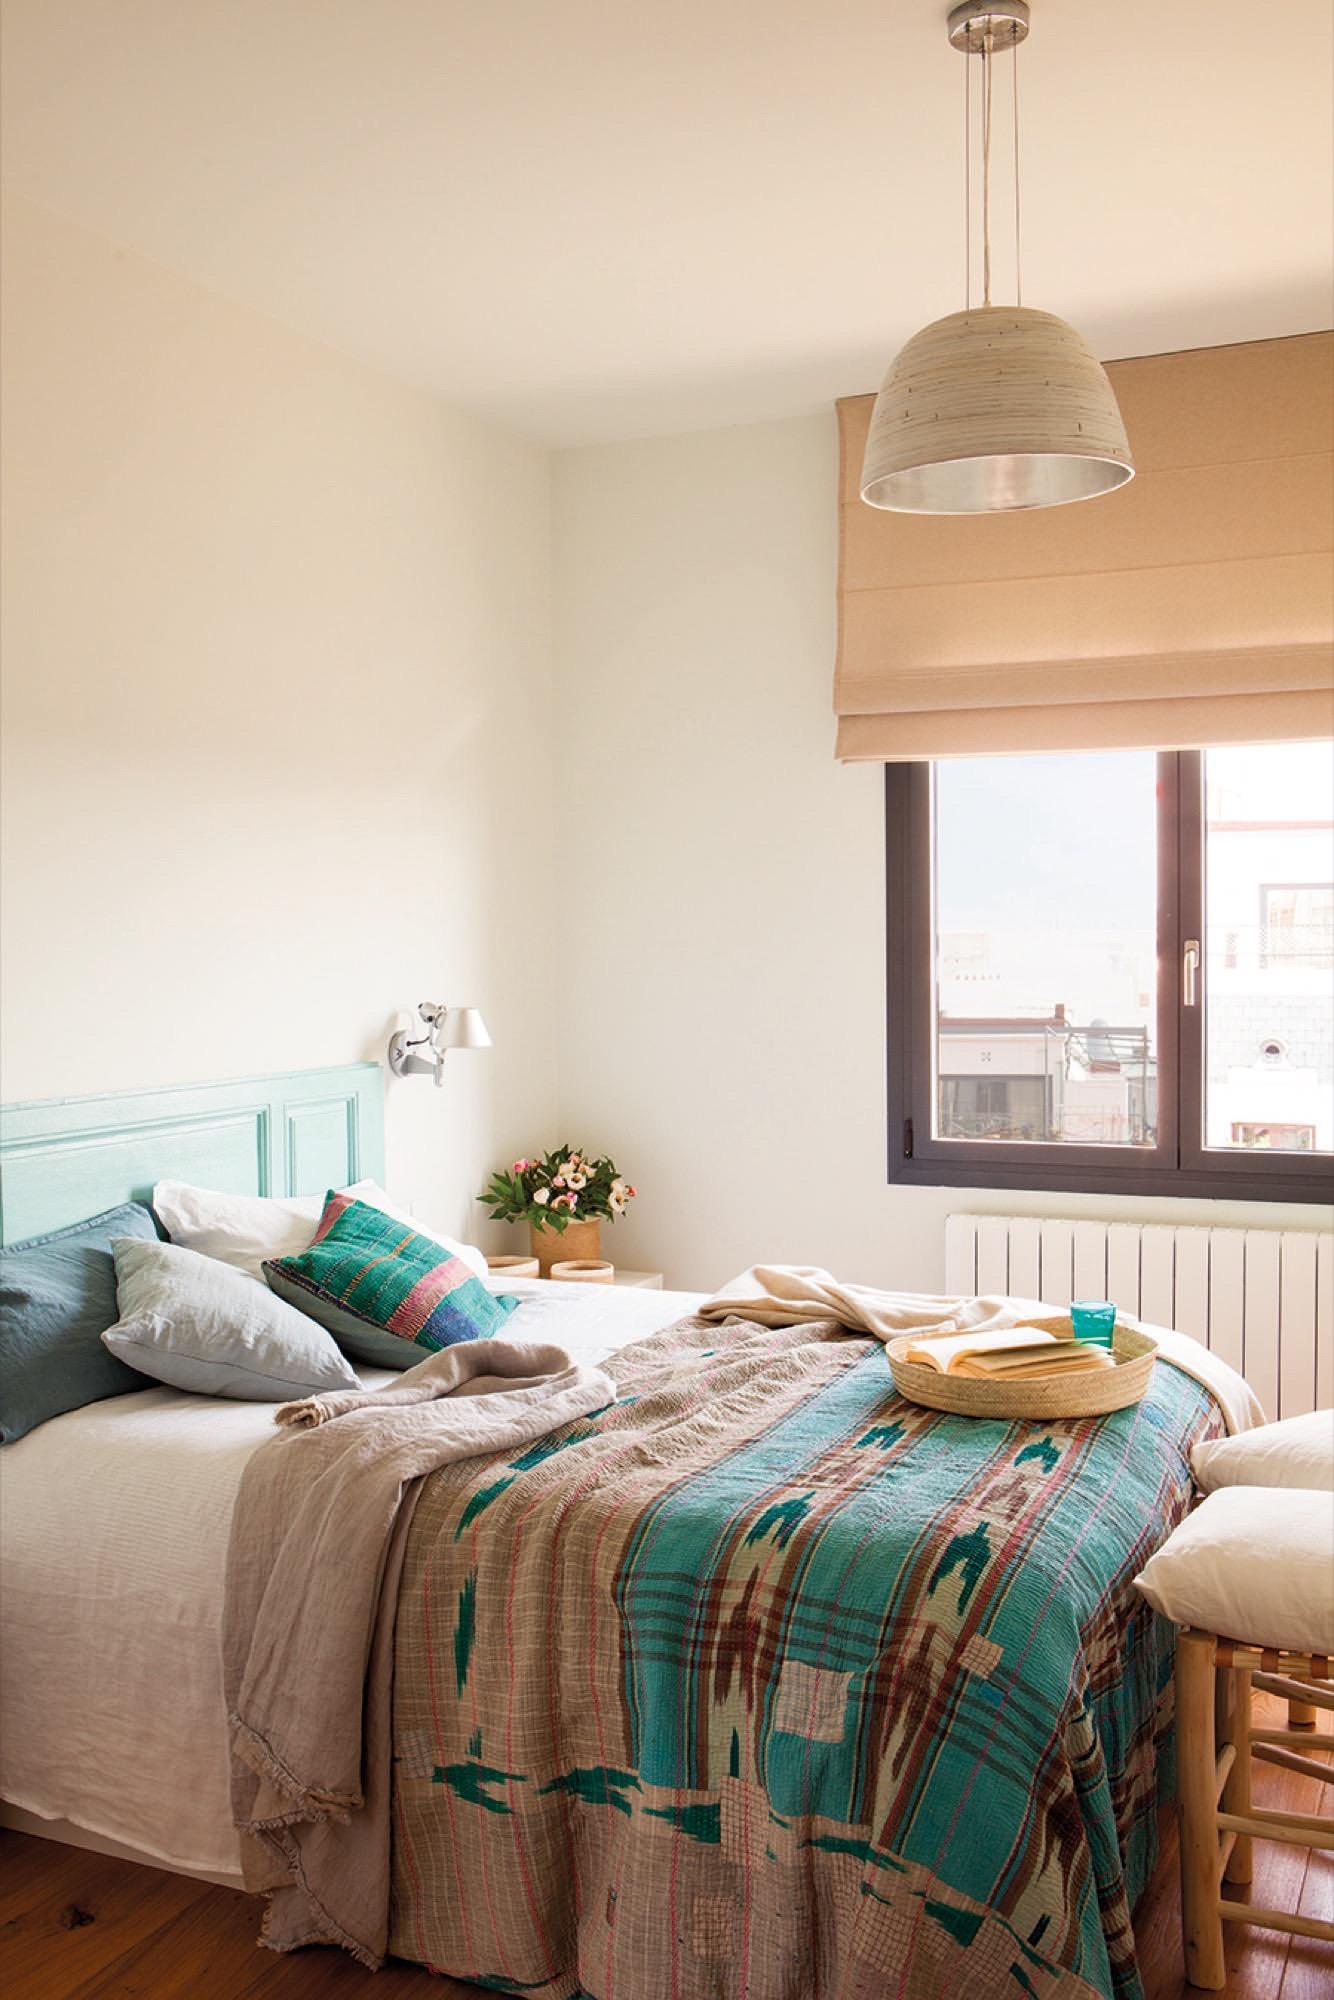 dormitorio con cama con cabezal puerta recuperada